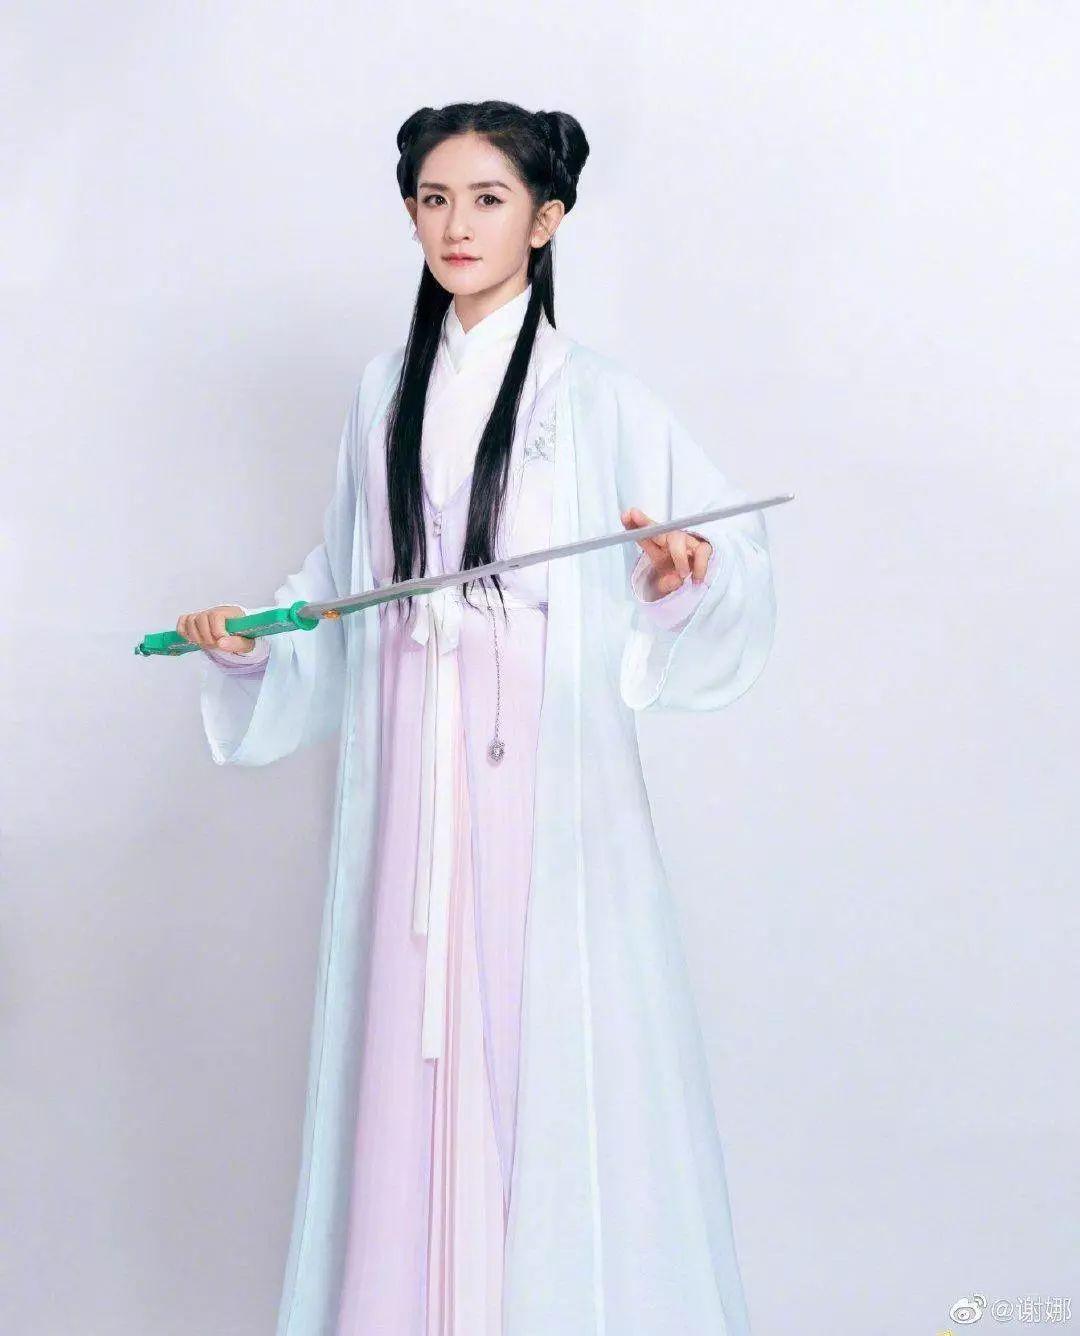 谢娜演《花千骨》续集定档今晚,超高还原赵丽颖,却遭网友吐槽